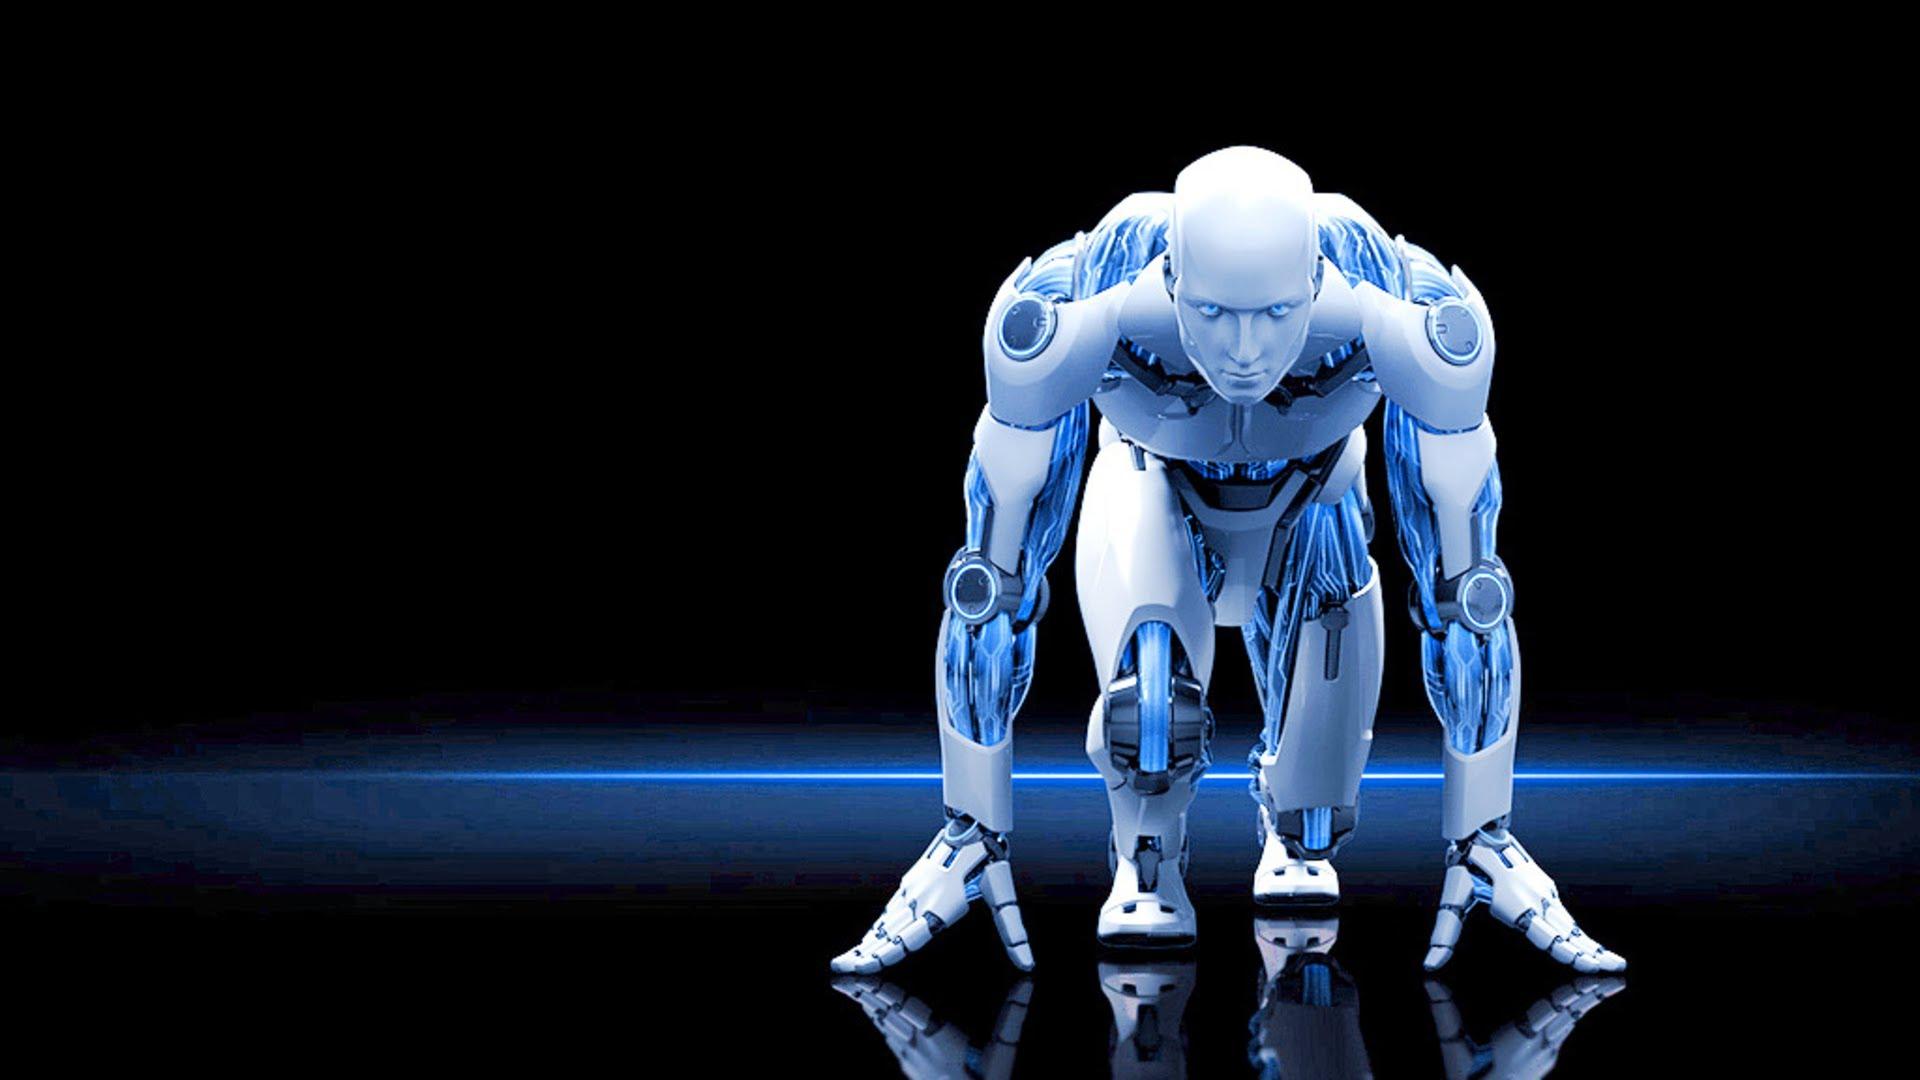 معرفی پیشرفته ترین ربات های انسان نما